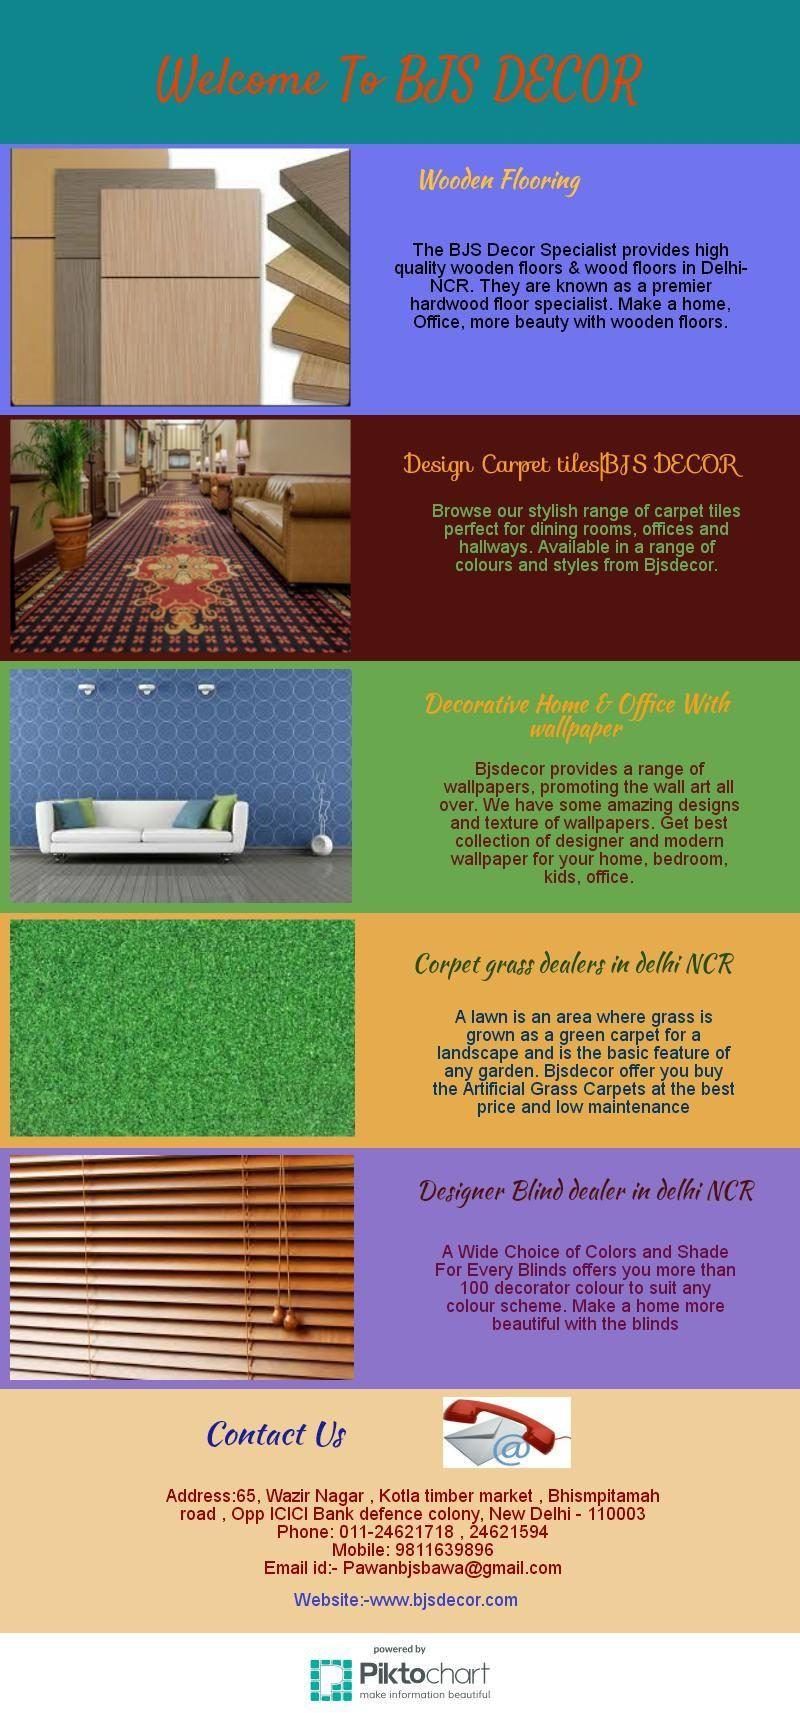 hardwood flooring gumtree of wooden flooring carpet supply in delhi ncrbjsdecor http www inside wooden flooring carpet supply in delhi ncrbjsdecor http www